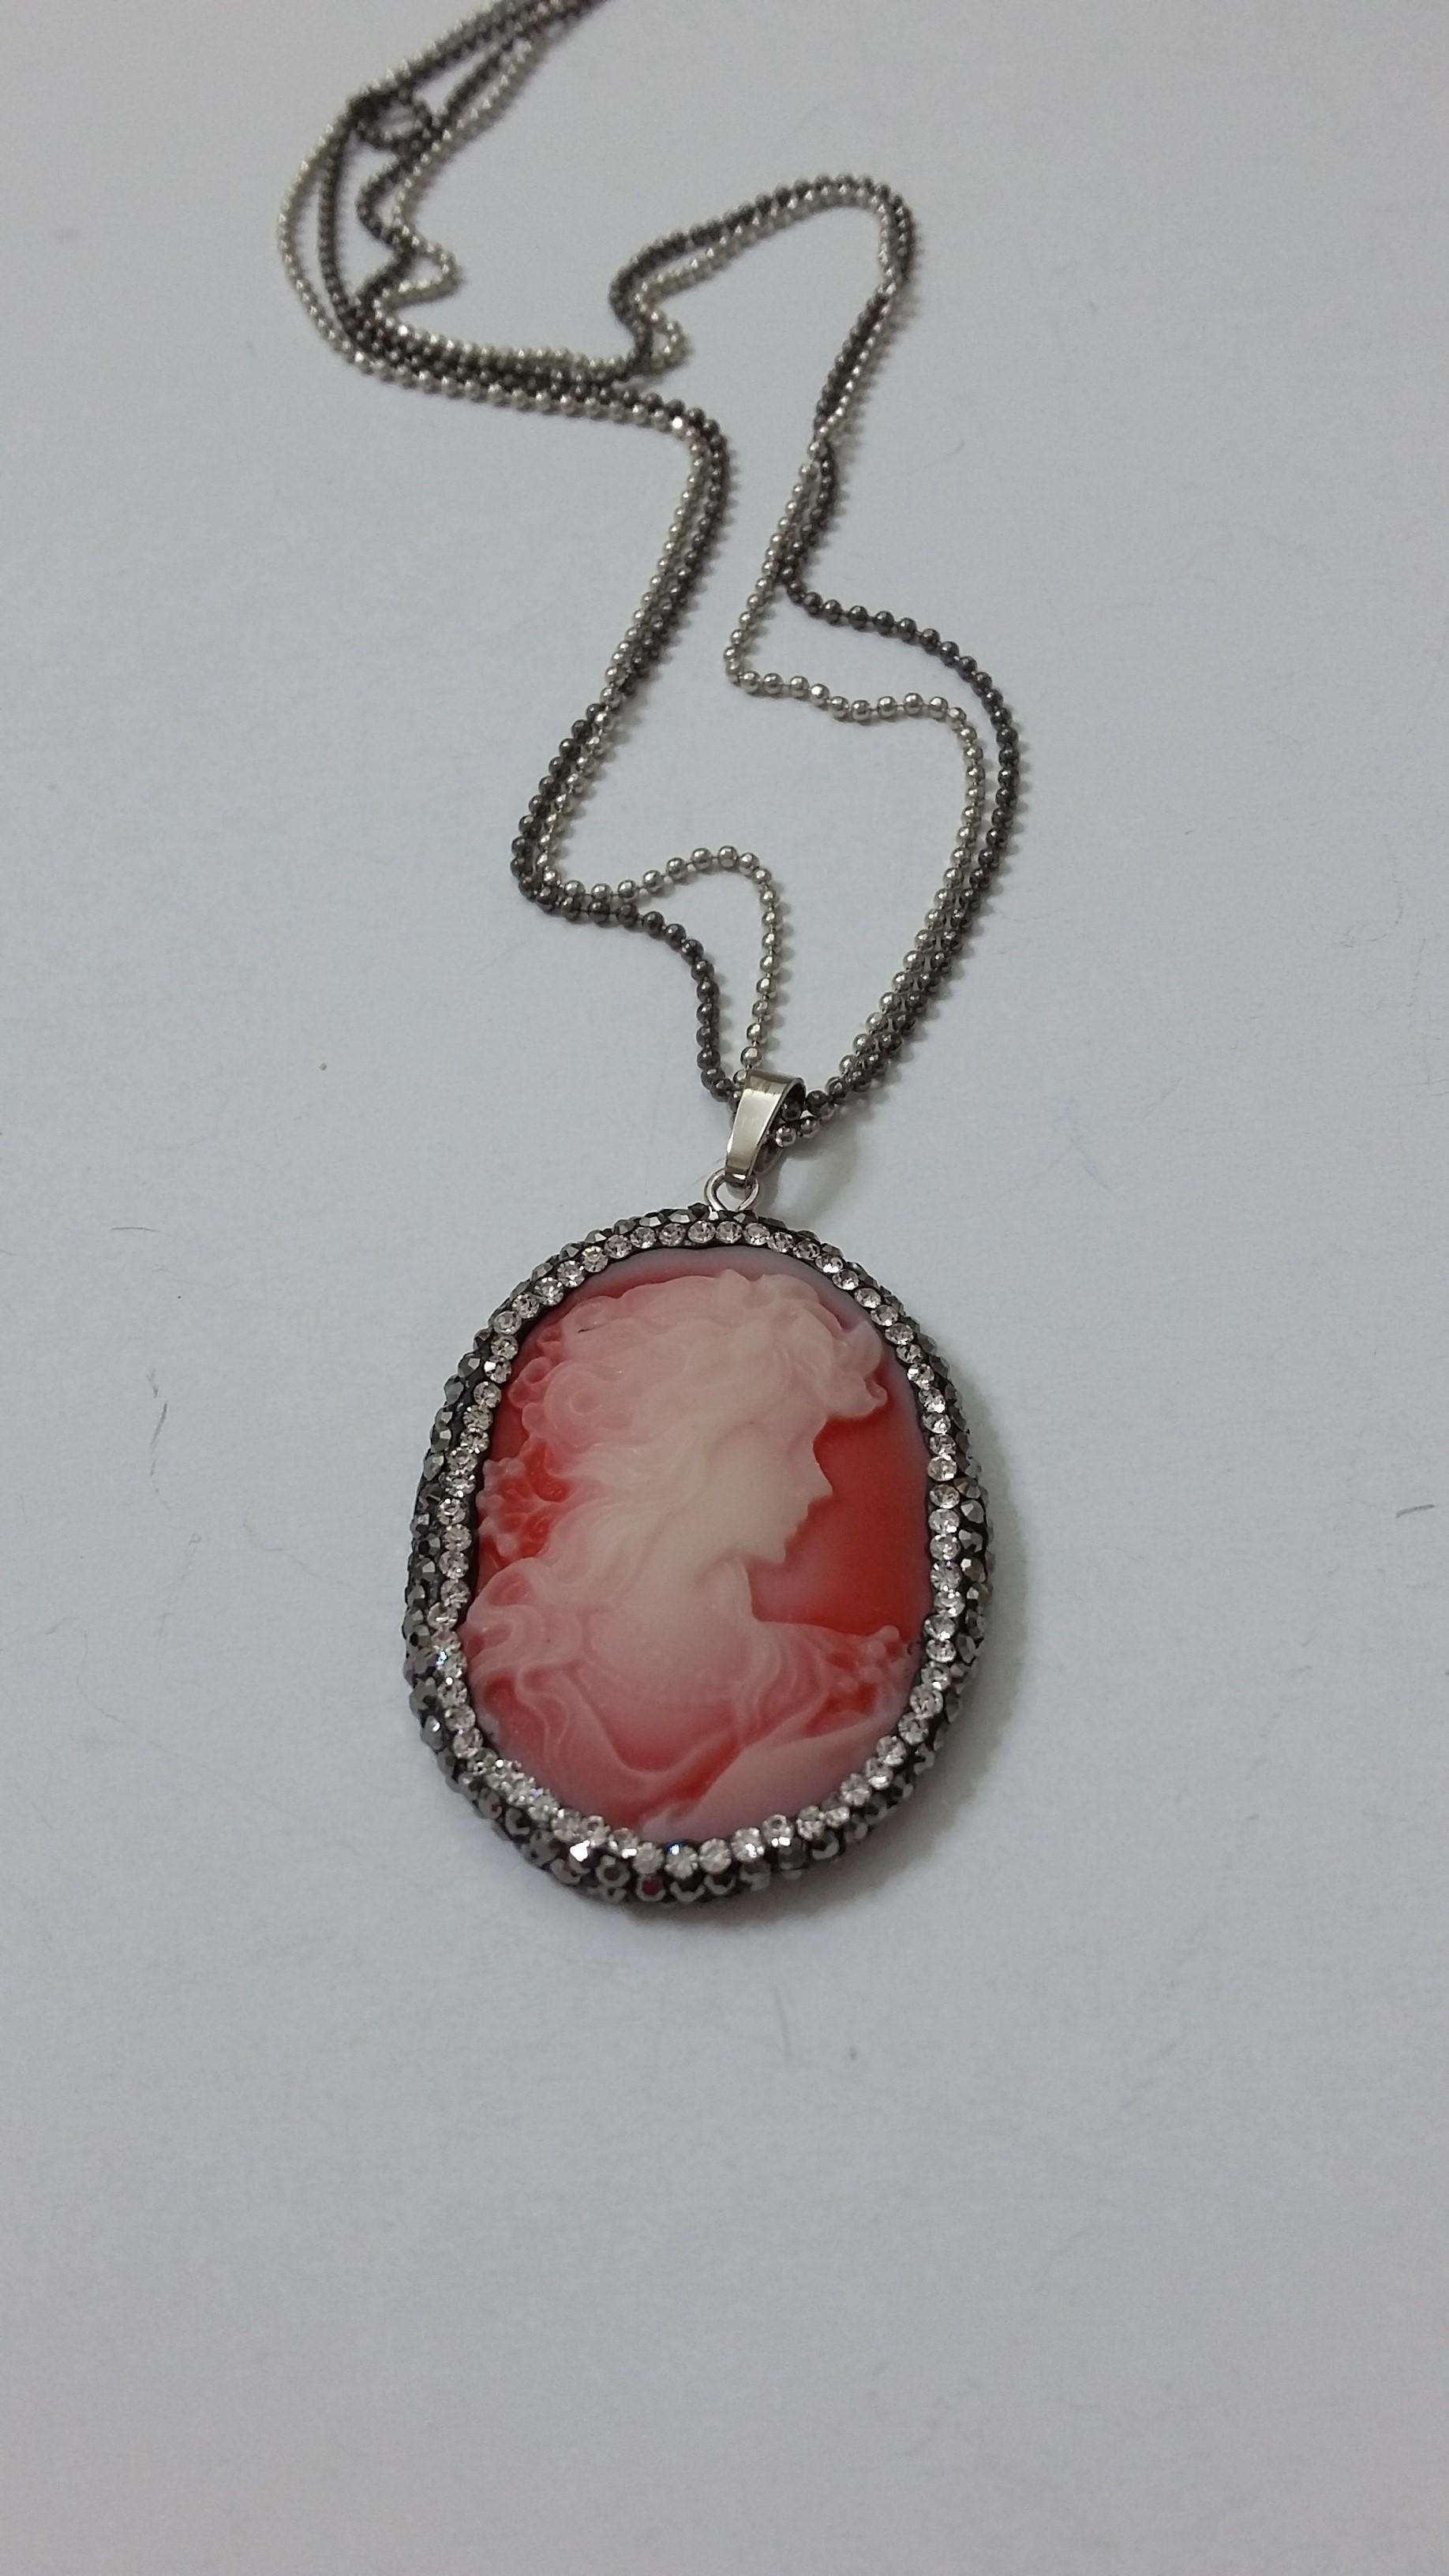 ΚΜΠ116 – Κολιέ καμέο σε κόκκινο πέτρωμα -20 ευρώ  be00a0a8d8f